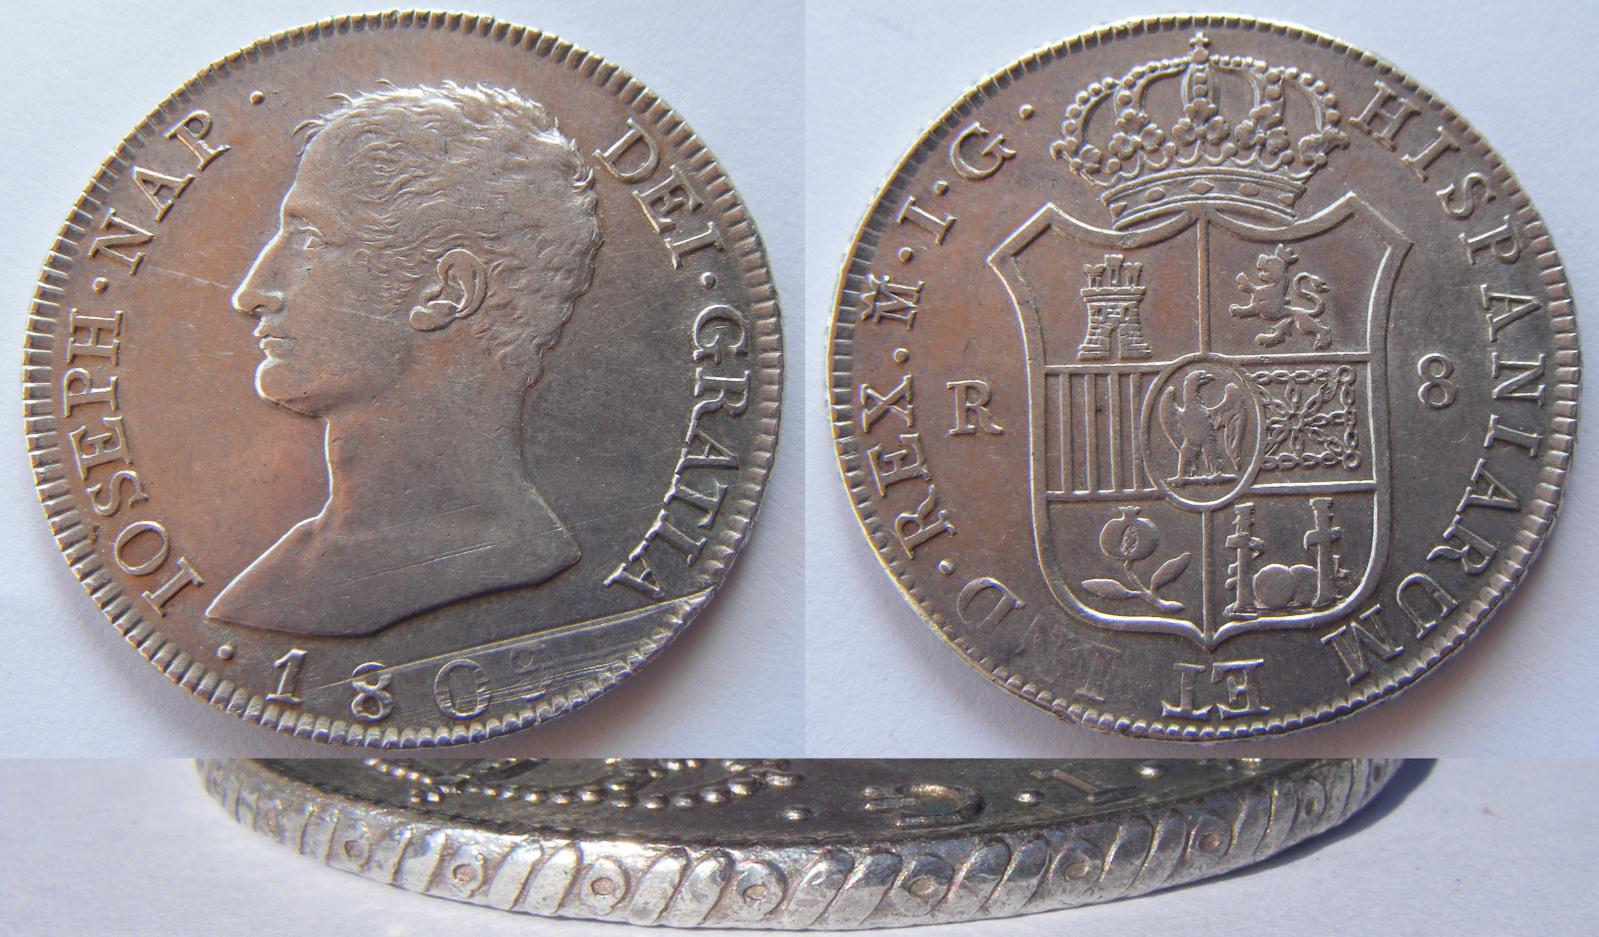 8 Reales 1809. José Napoleón. Madrid IG 29eksqx